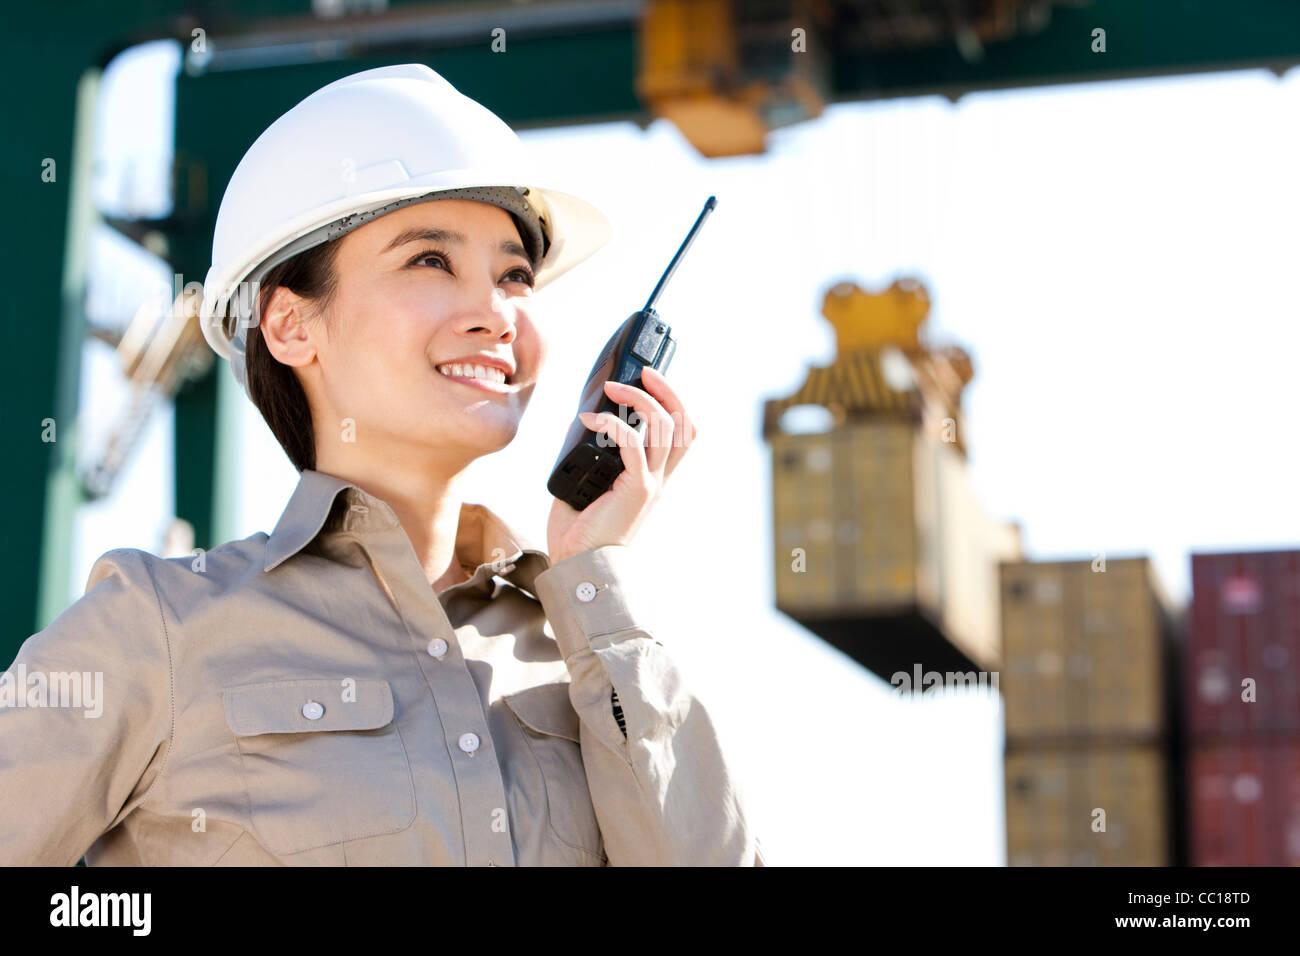 Travailleur de l'industrie d'expédition de diriger avec ses grues talkie-walkie Photo Stock